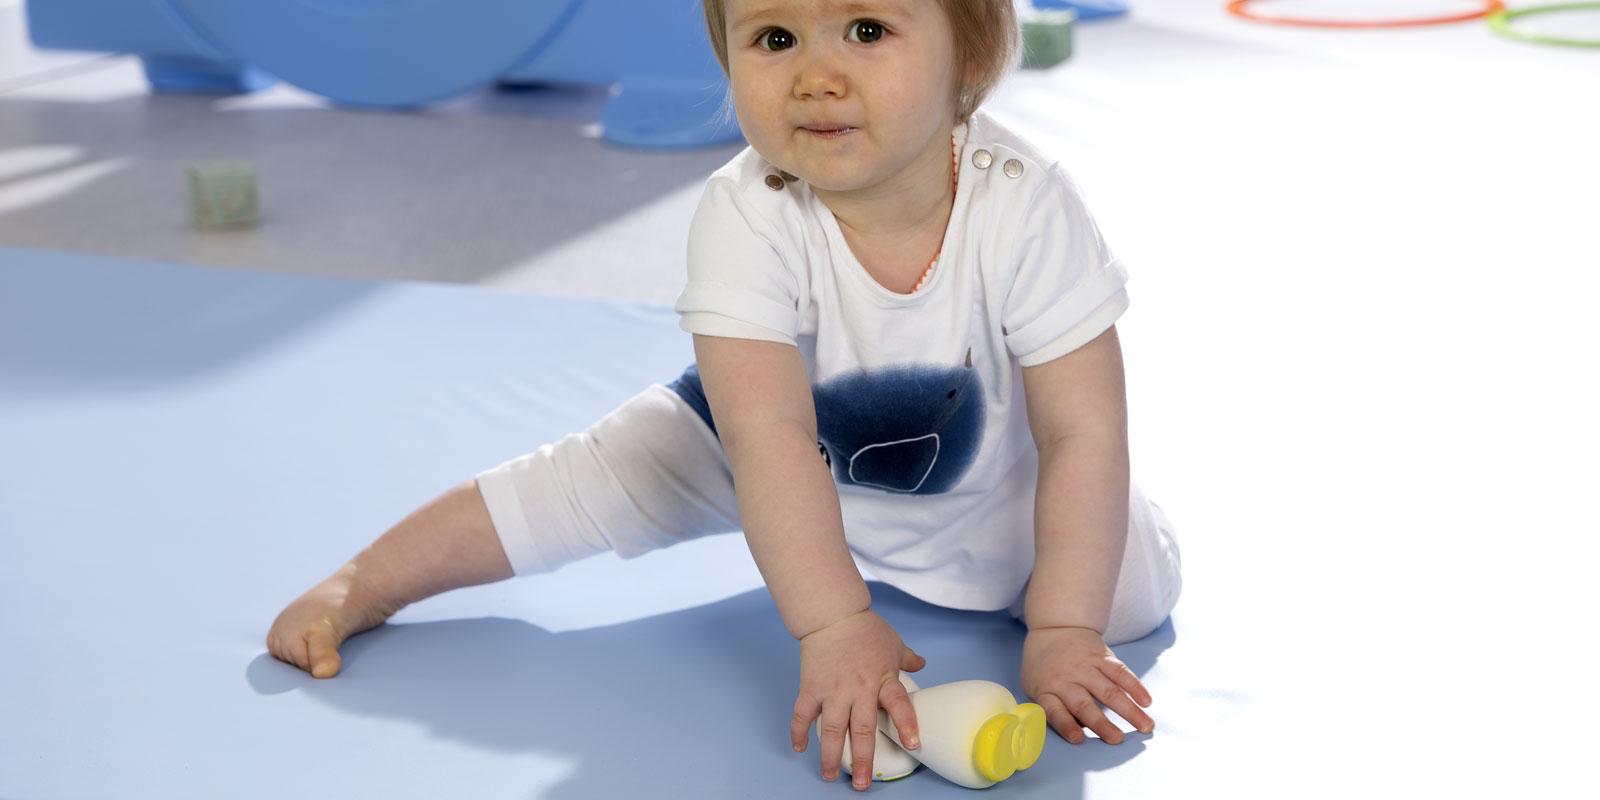 Comment encourager la coordination des mouvements de bébé avec Montessori ? Par Wesco